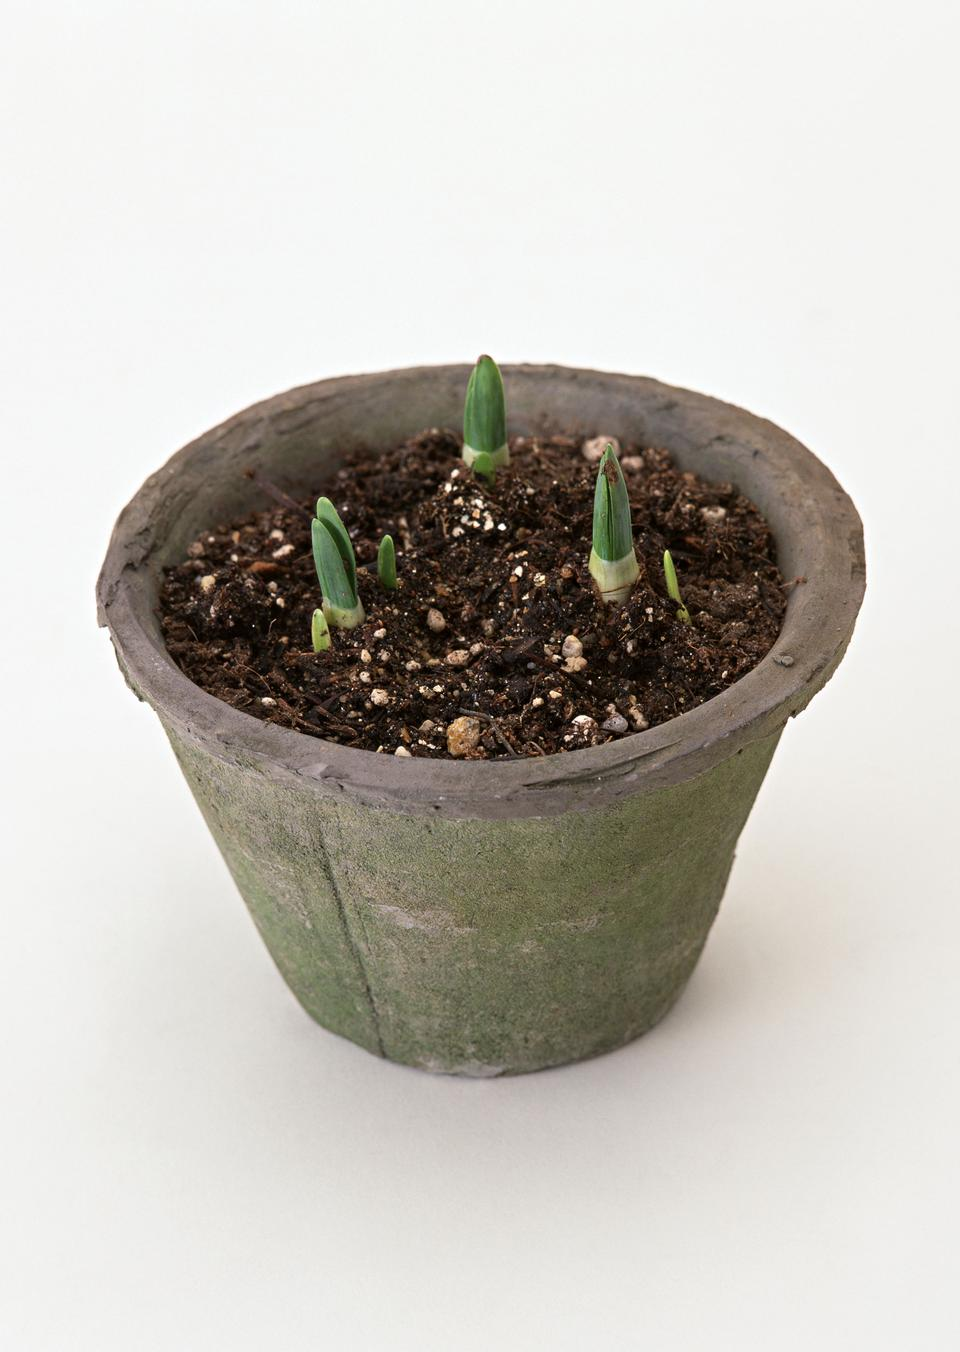 地面に小さな緑の苗